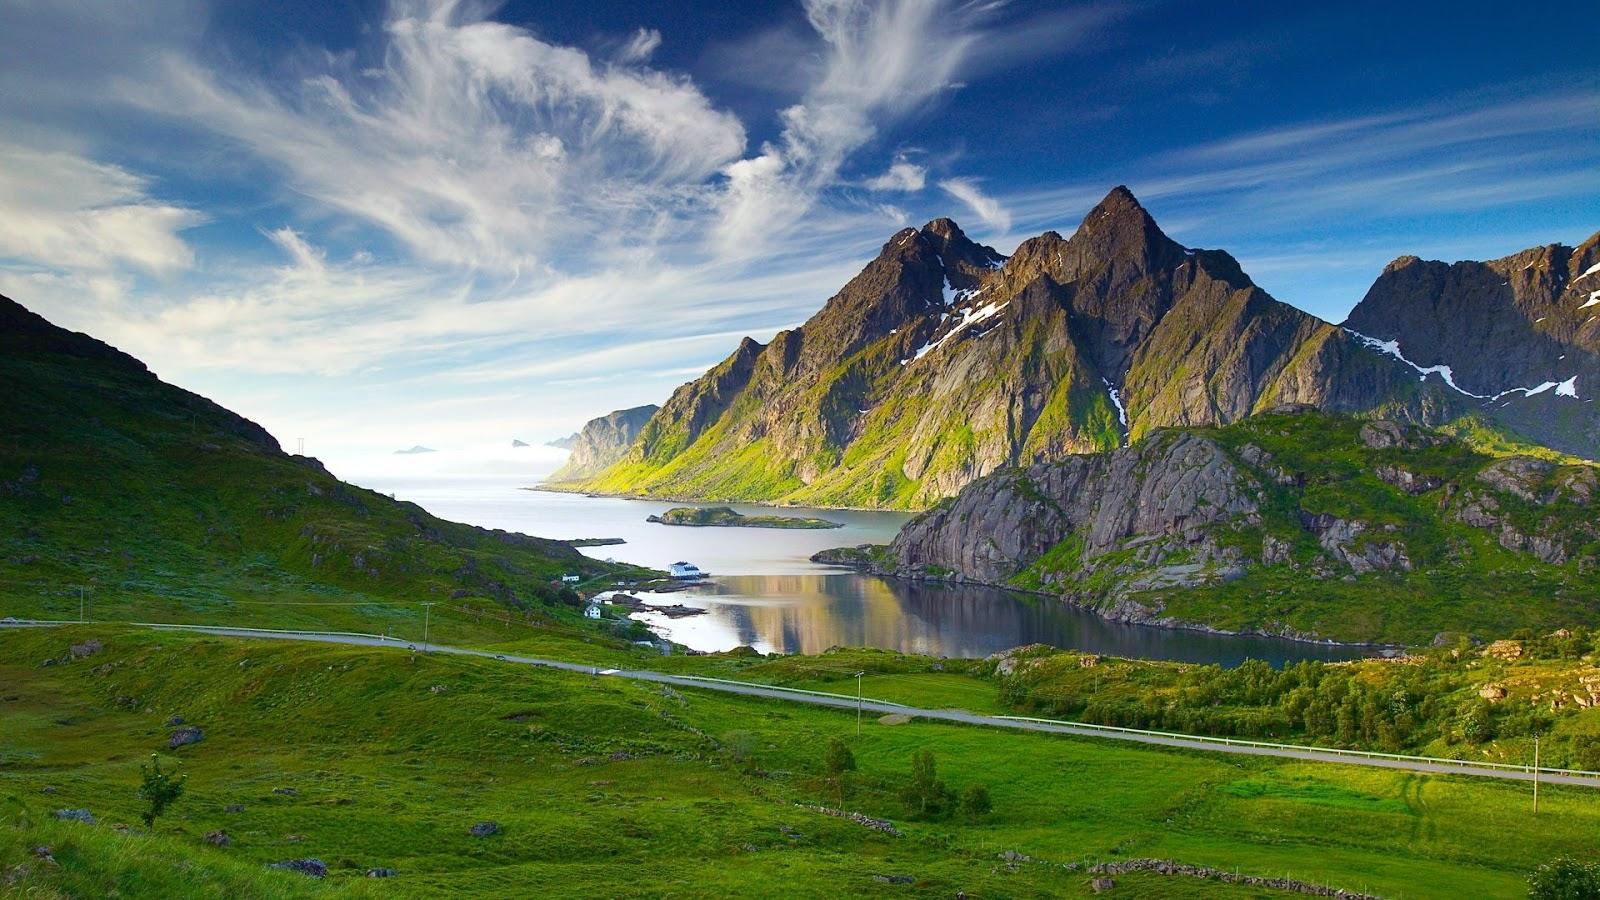 Wallpapers met Bergen | HD Wallpapers